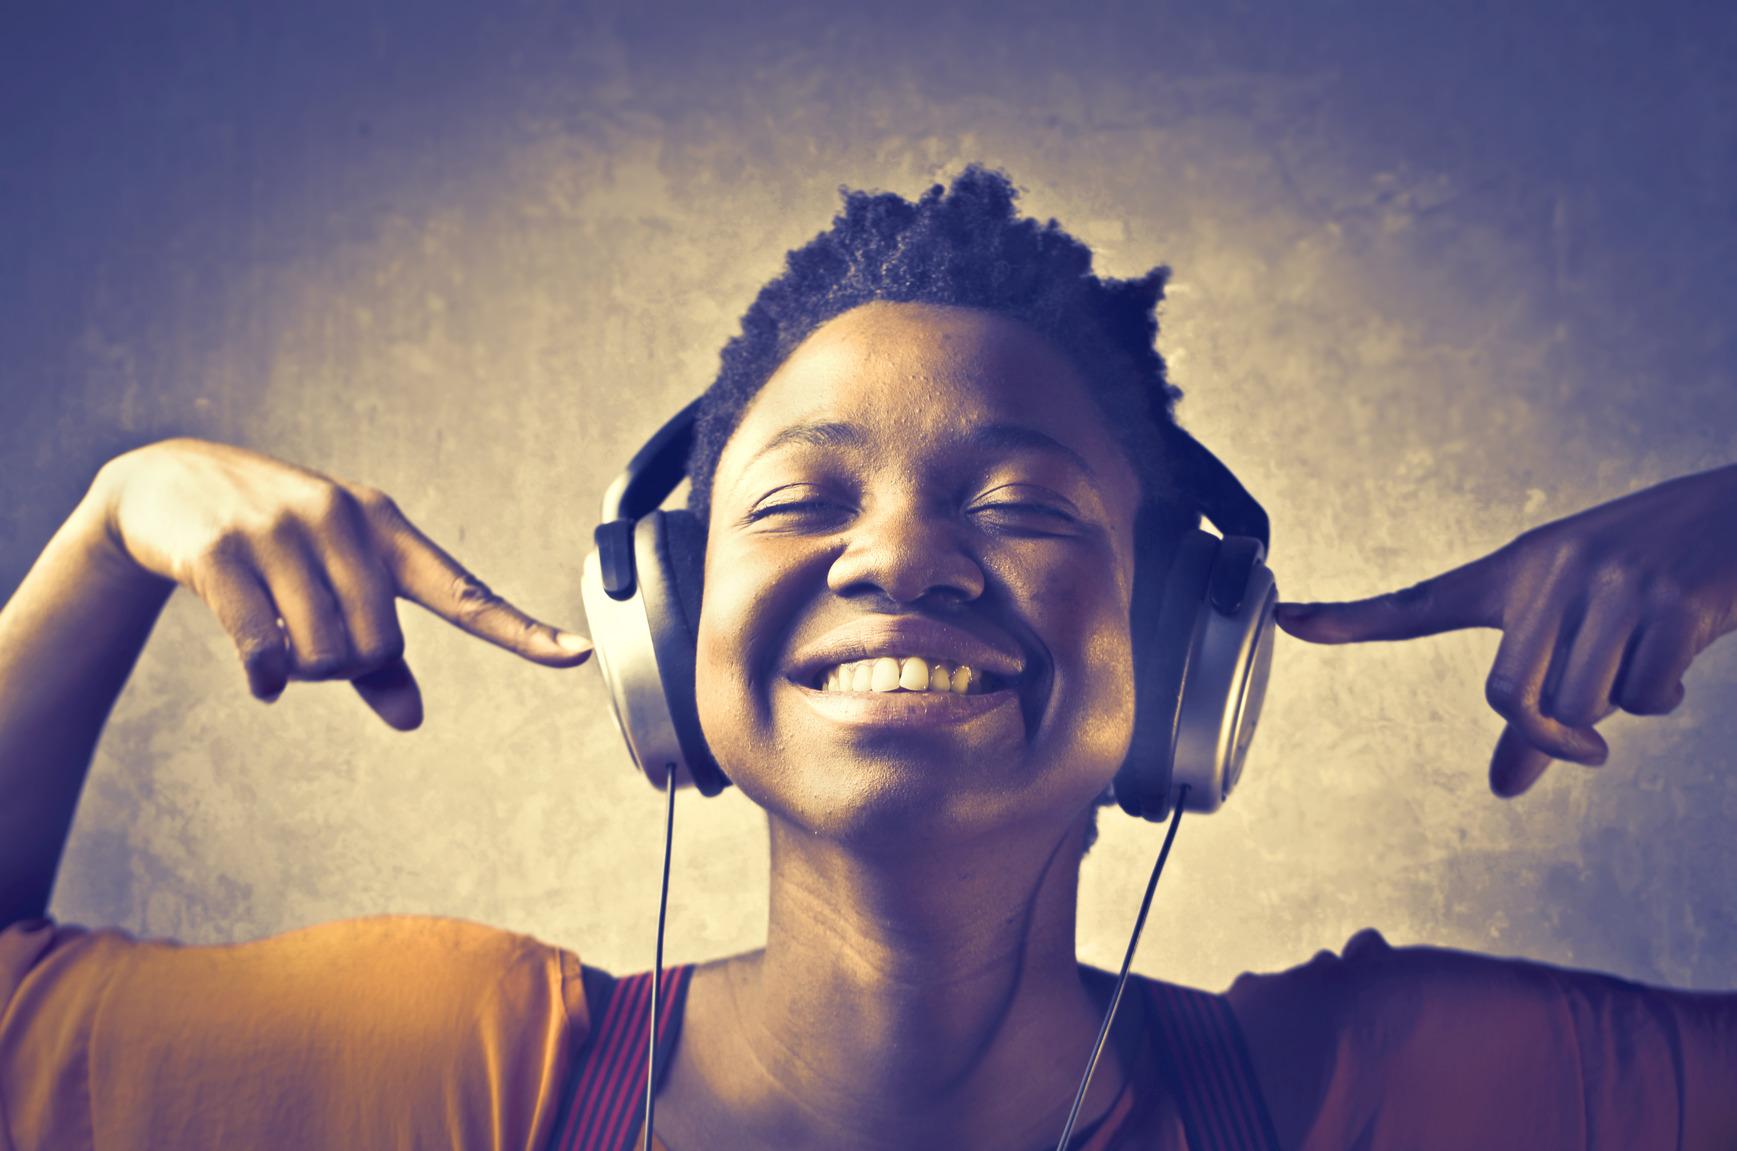 тут я слушаю музыку жизни картинки что